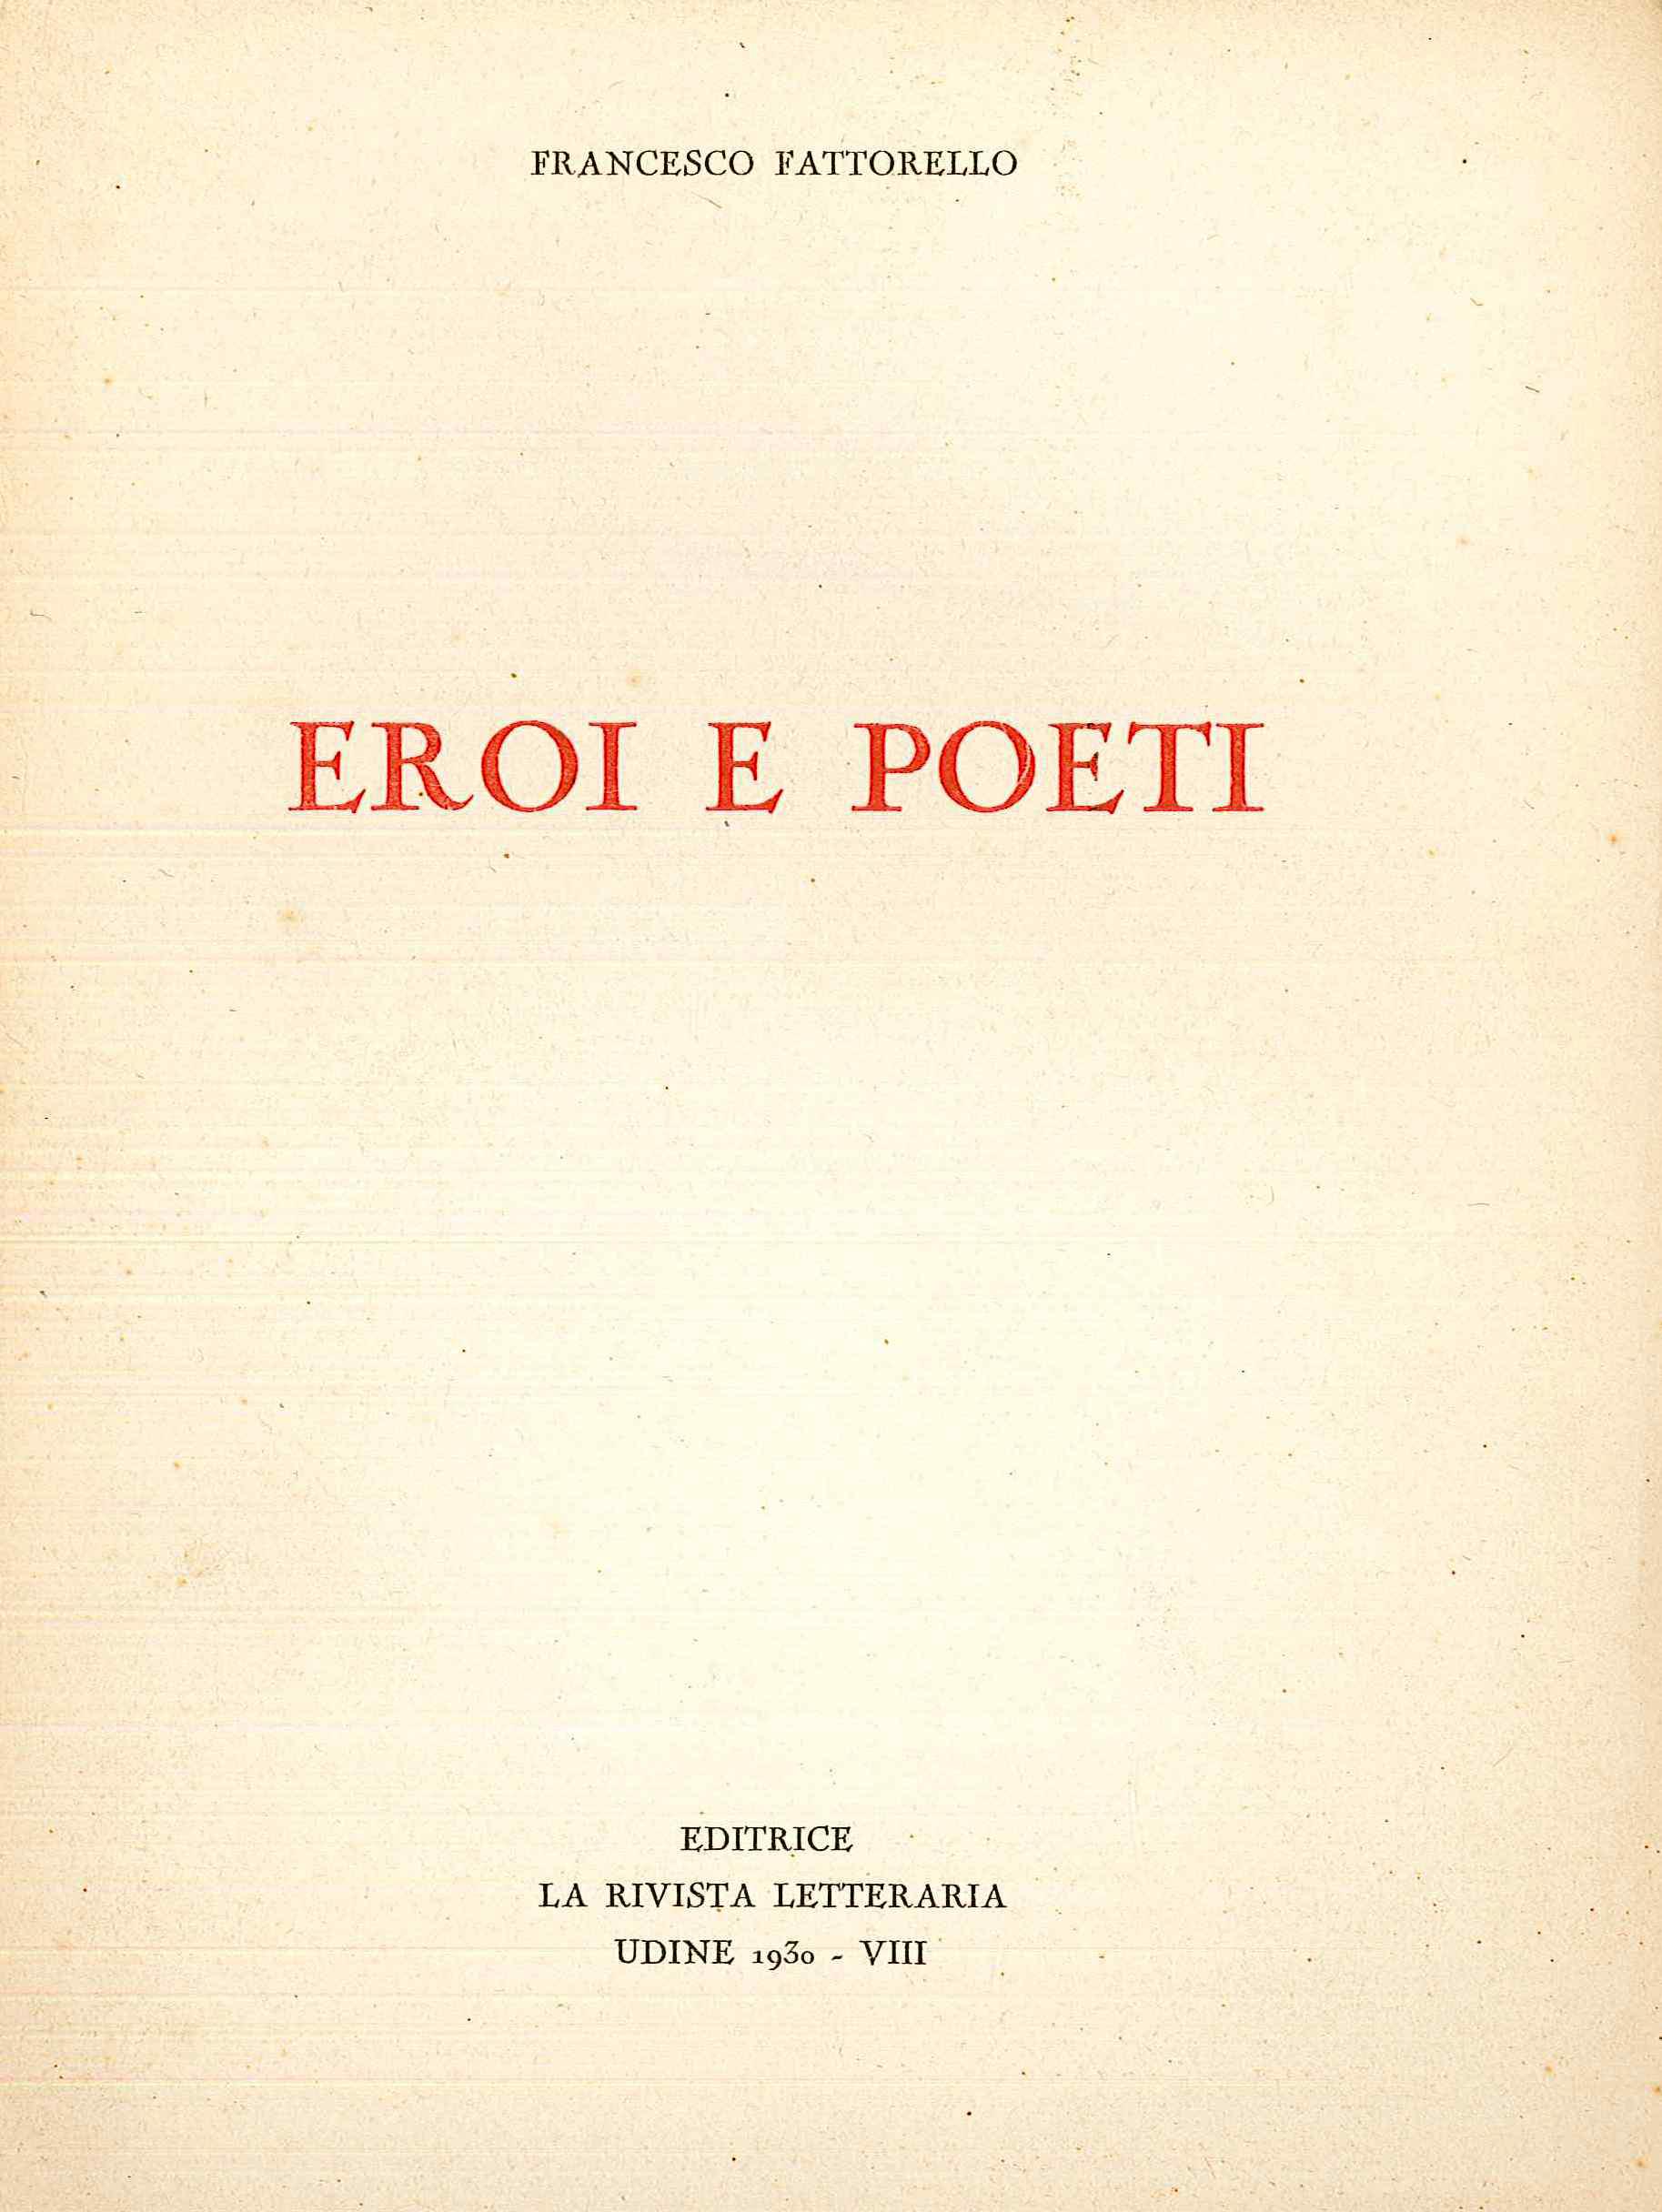 Eroi e Poeti (Editrice: La Rivista Letteraria - Udine 1930 - VIII